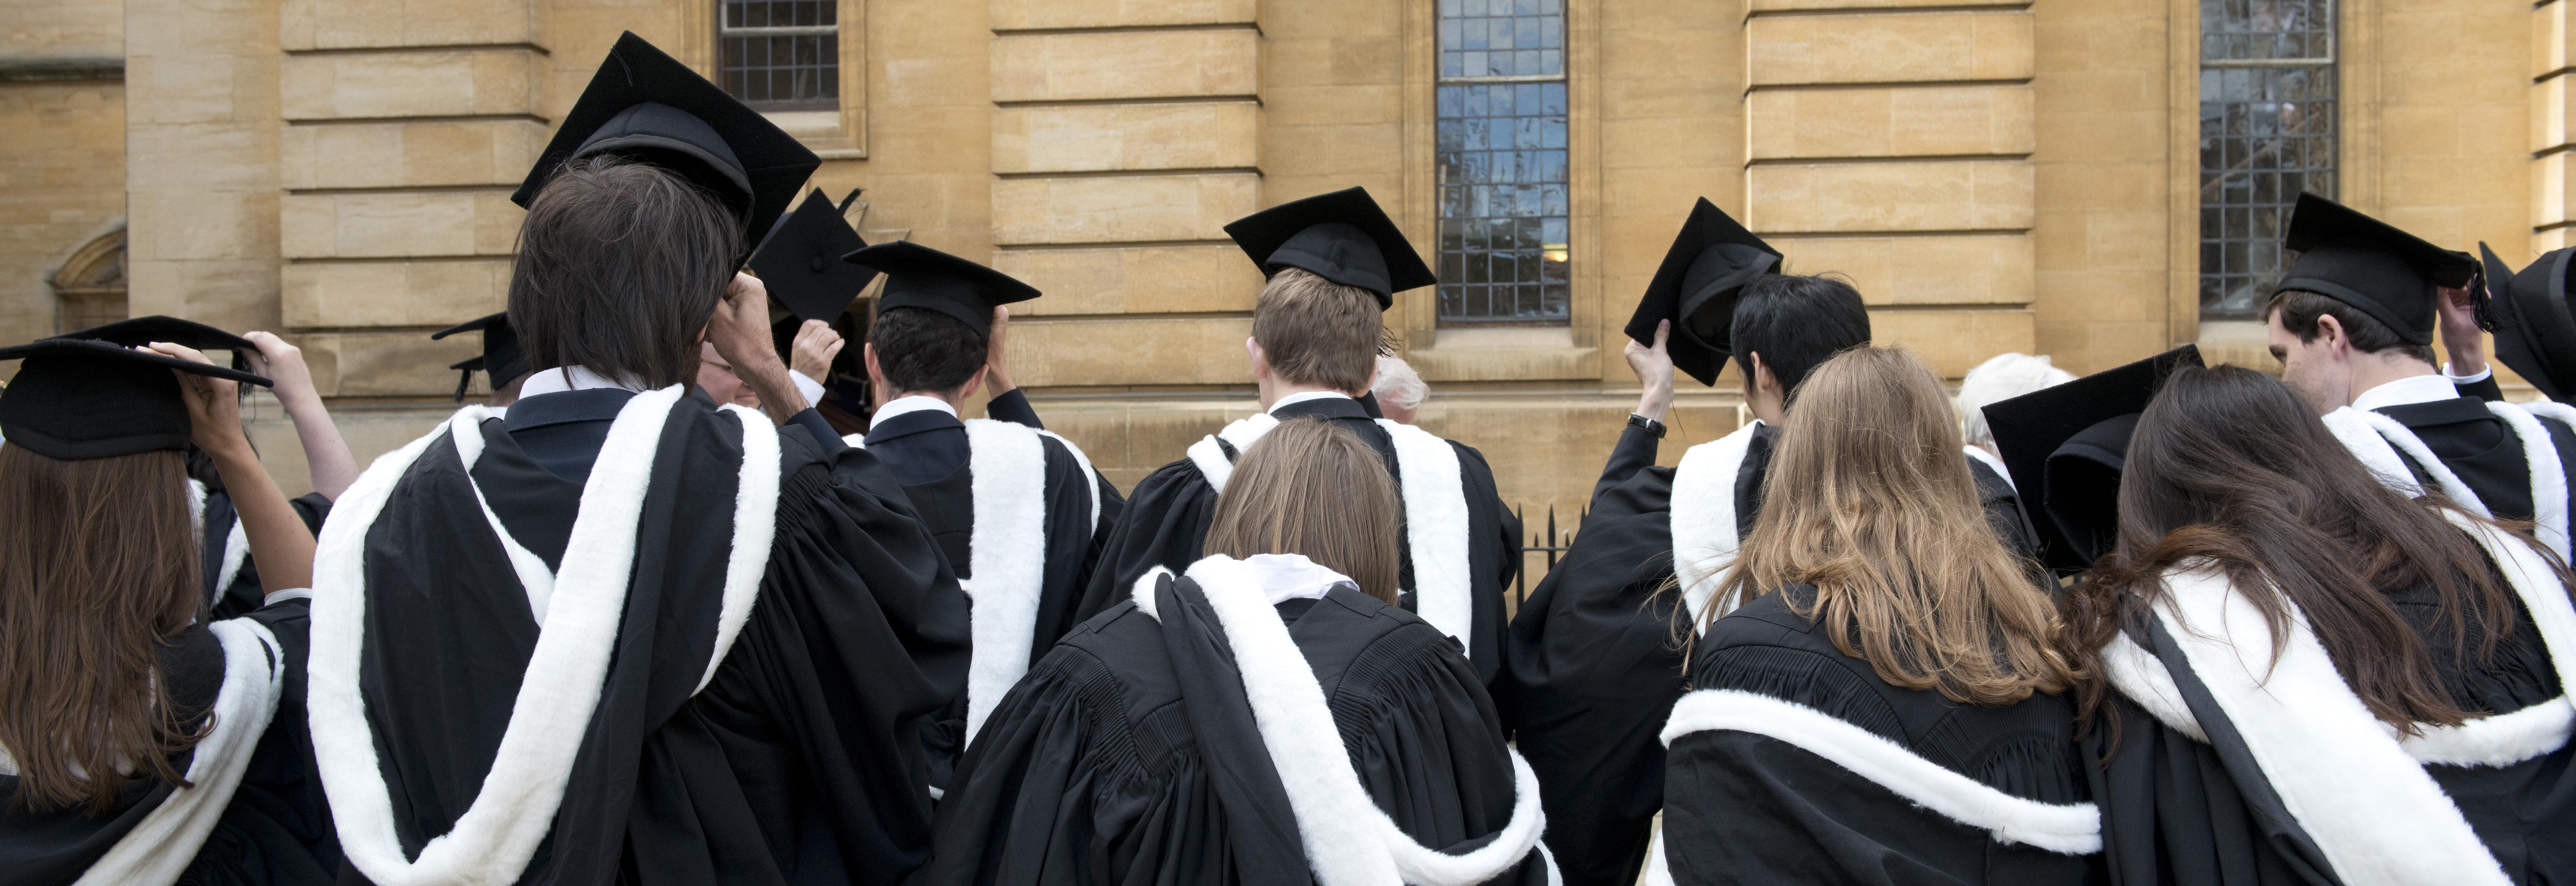 Degree ceremonies   University of Oxford